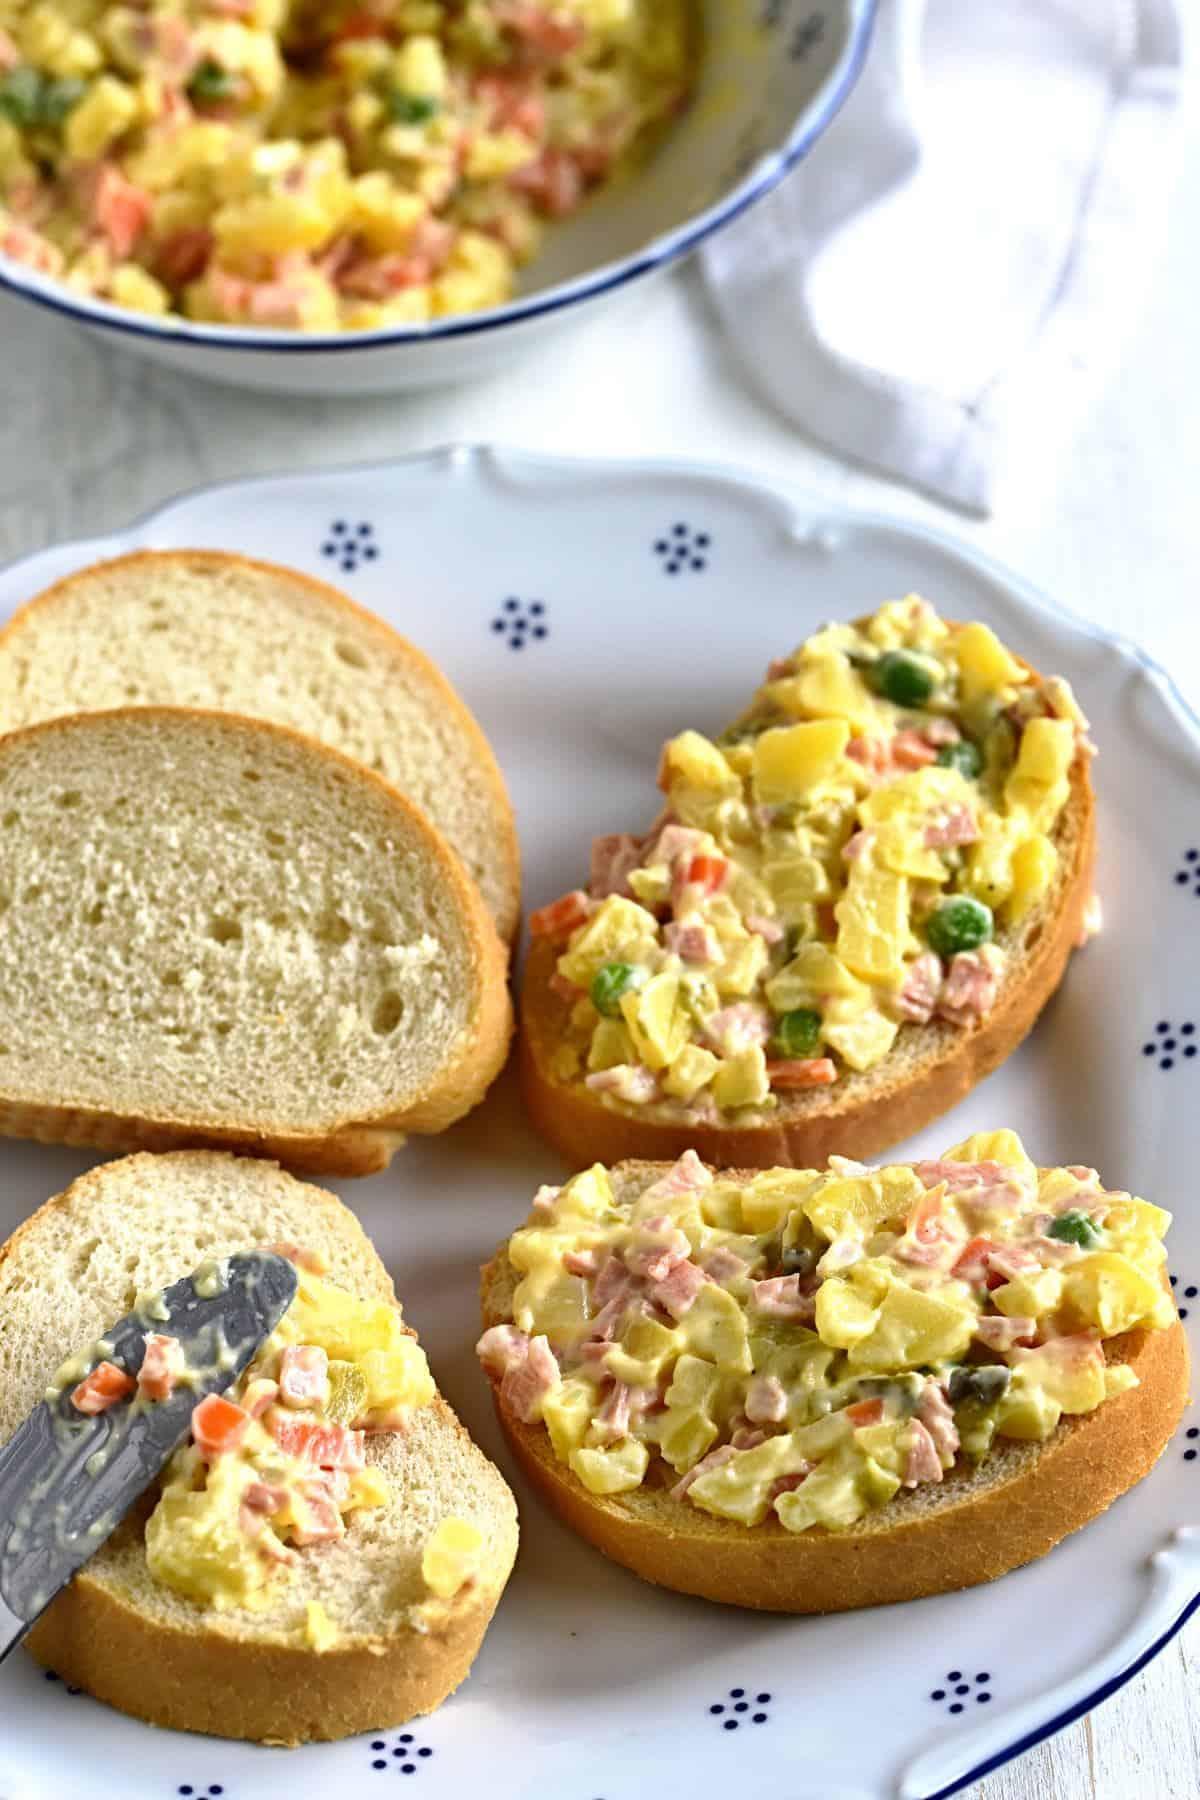 spreading vlašský salát on white bread